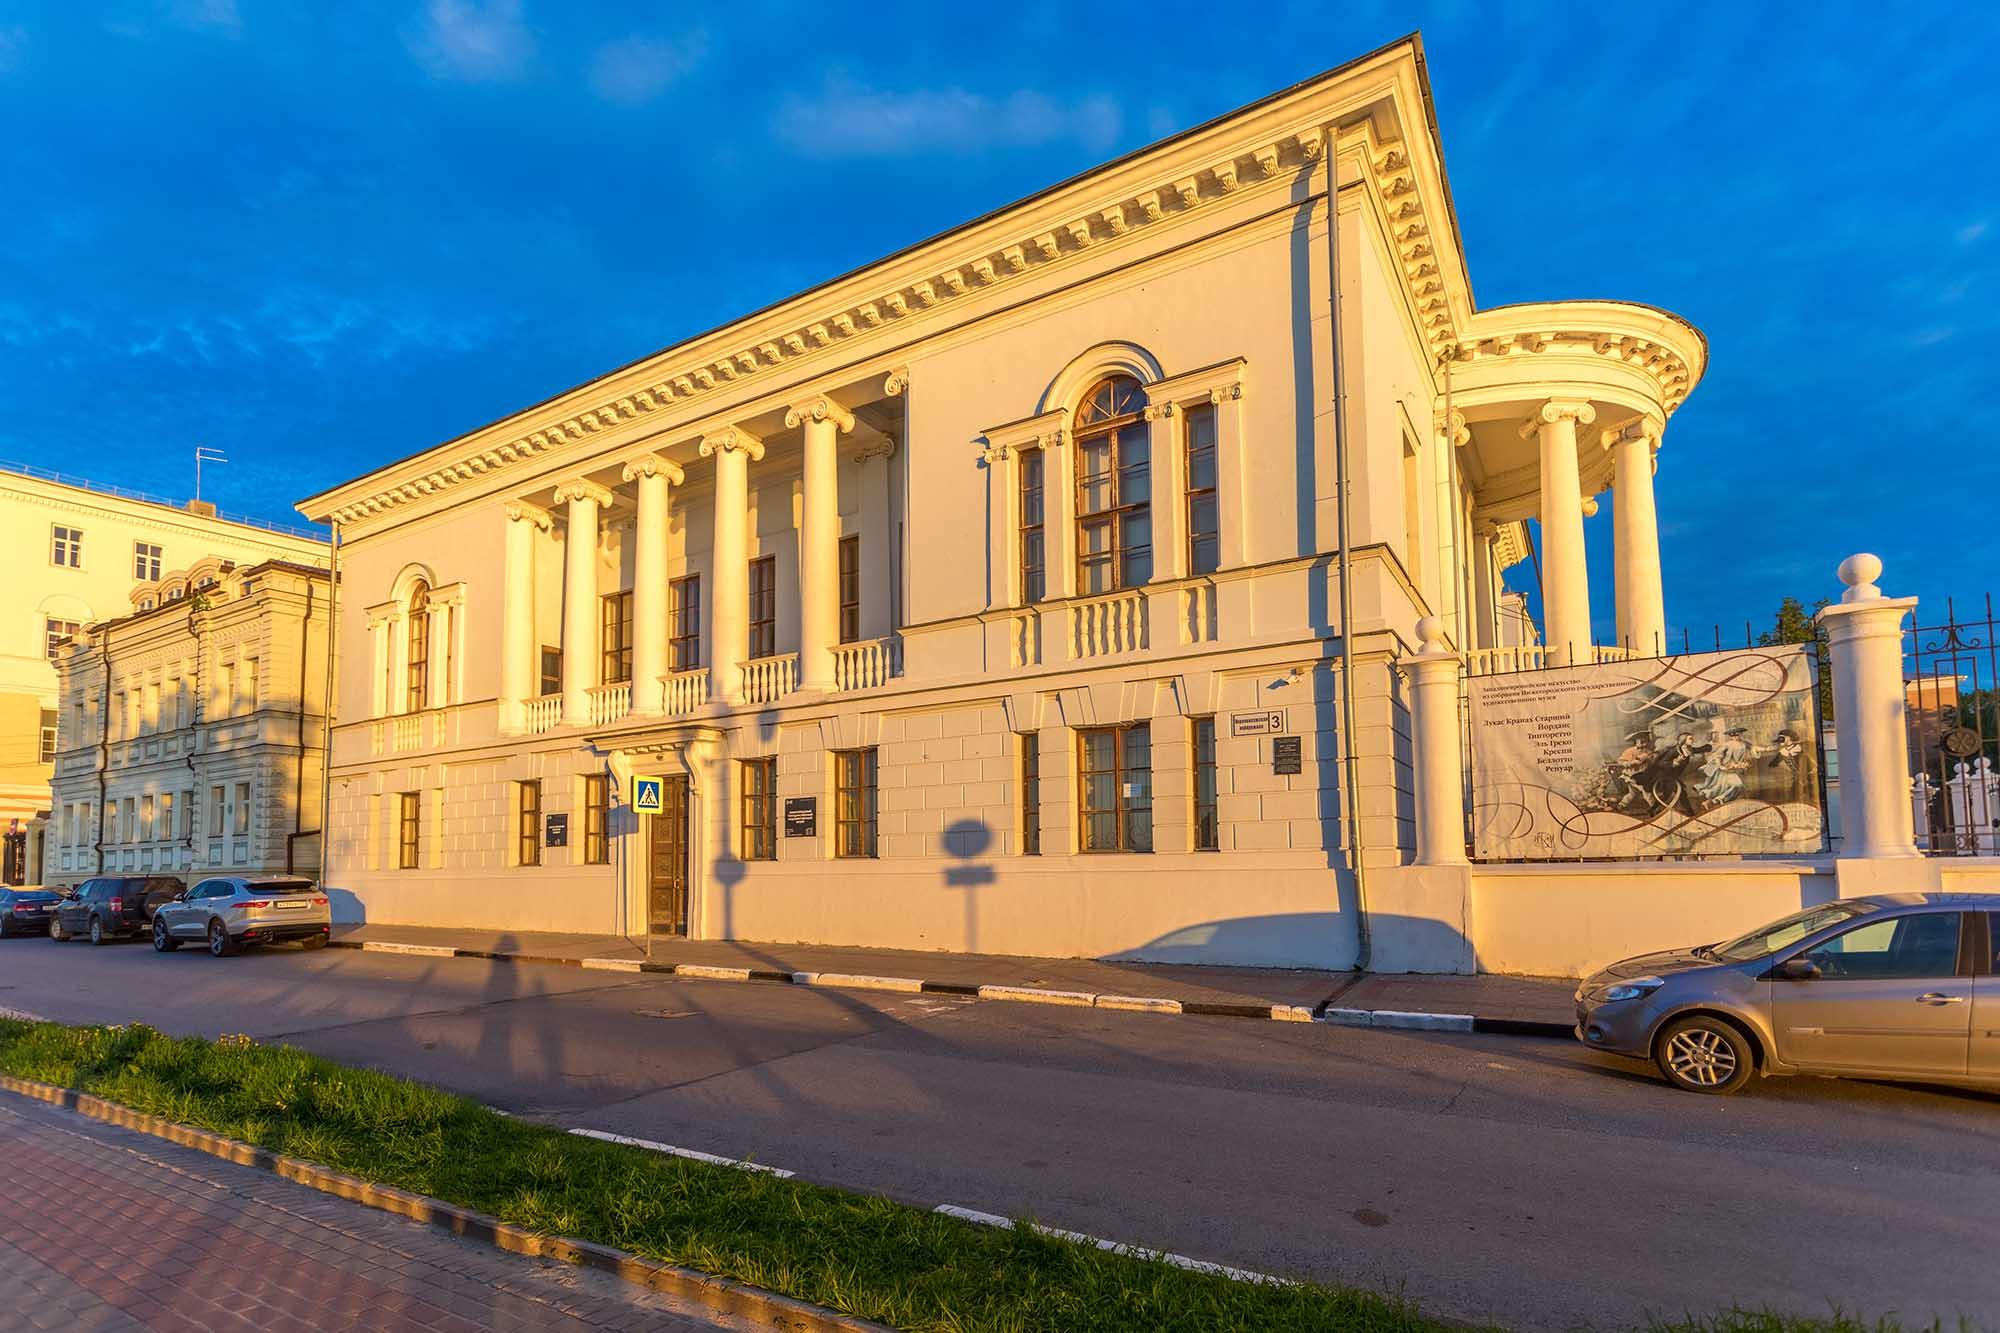 В Нижнем Новгороде появится виртуальная экспозиция «Воззвание Минина»